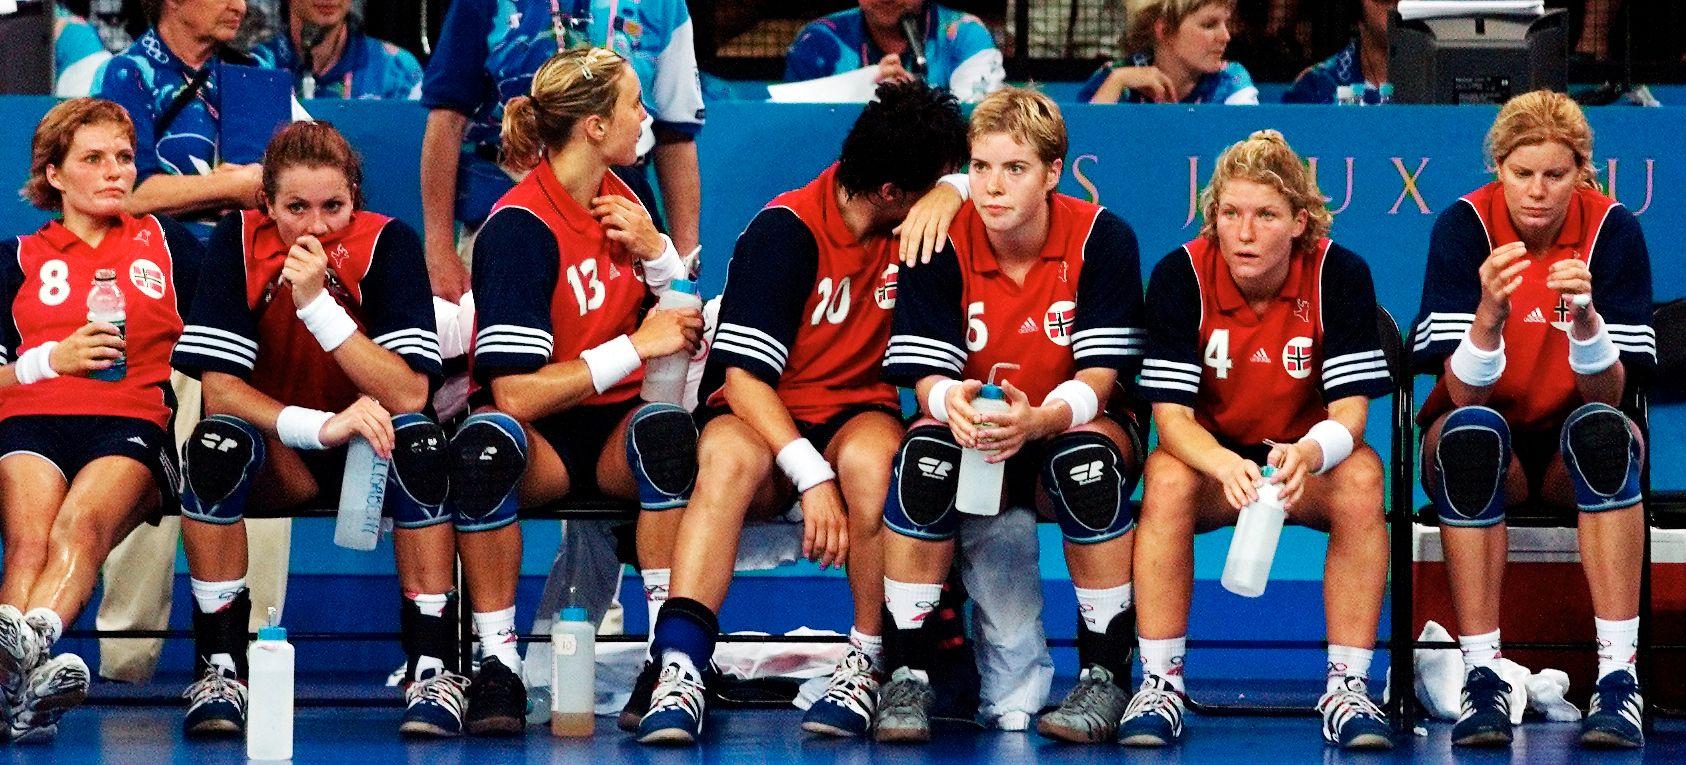 Husker da Norge ble tatt på sengen av Ungarn i OL: – Vi skulle bare cruise igjennom